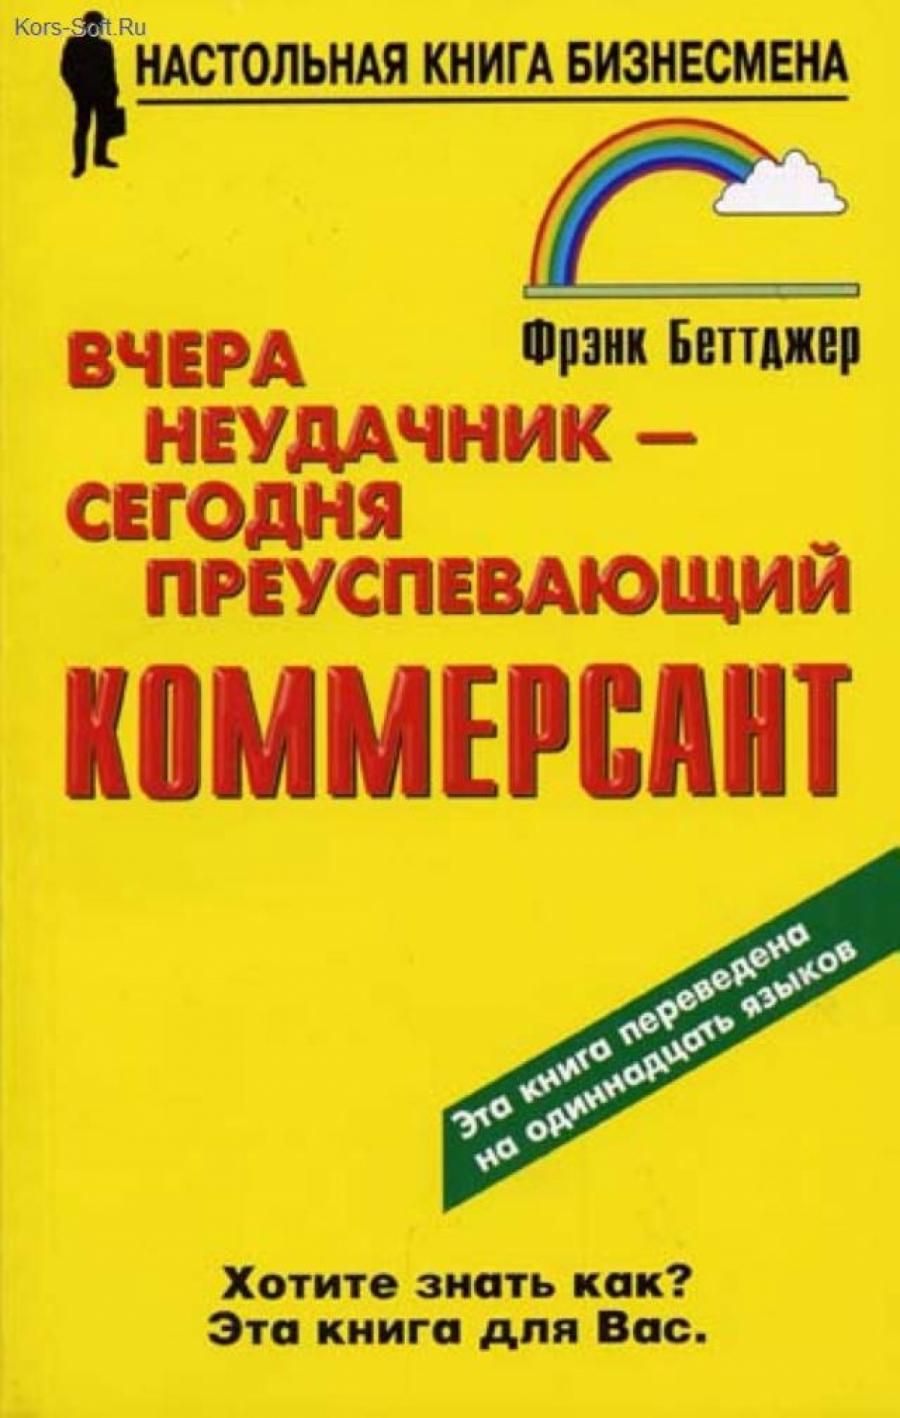 Обложка книги:  настольная книга бизнесмена - фрэнк беттджер - вчера неудачник — сегодня преуспевающий коммерсант